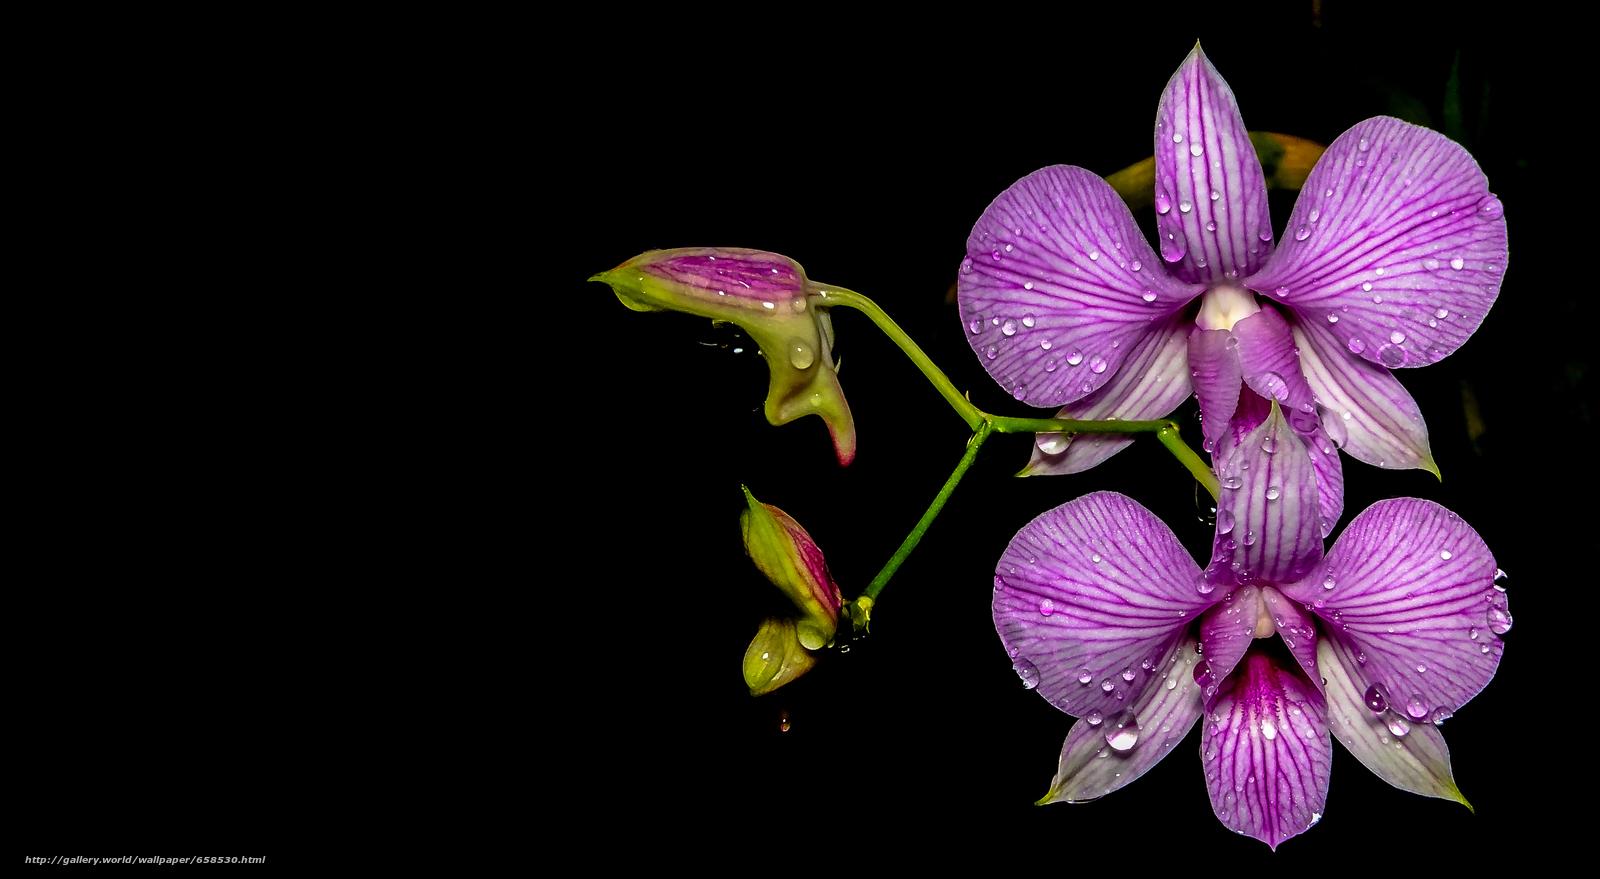 Tlcharger Fond d'ecran fleur,  Fleurs,  flore,  orchidée Fonds d'ecran gratuits pour votre rsolution du bureau 4608x2532 — image №658530